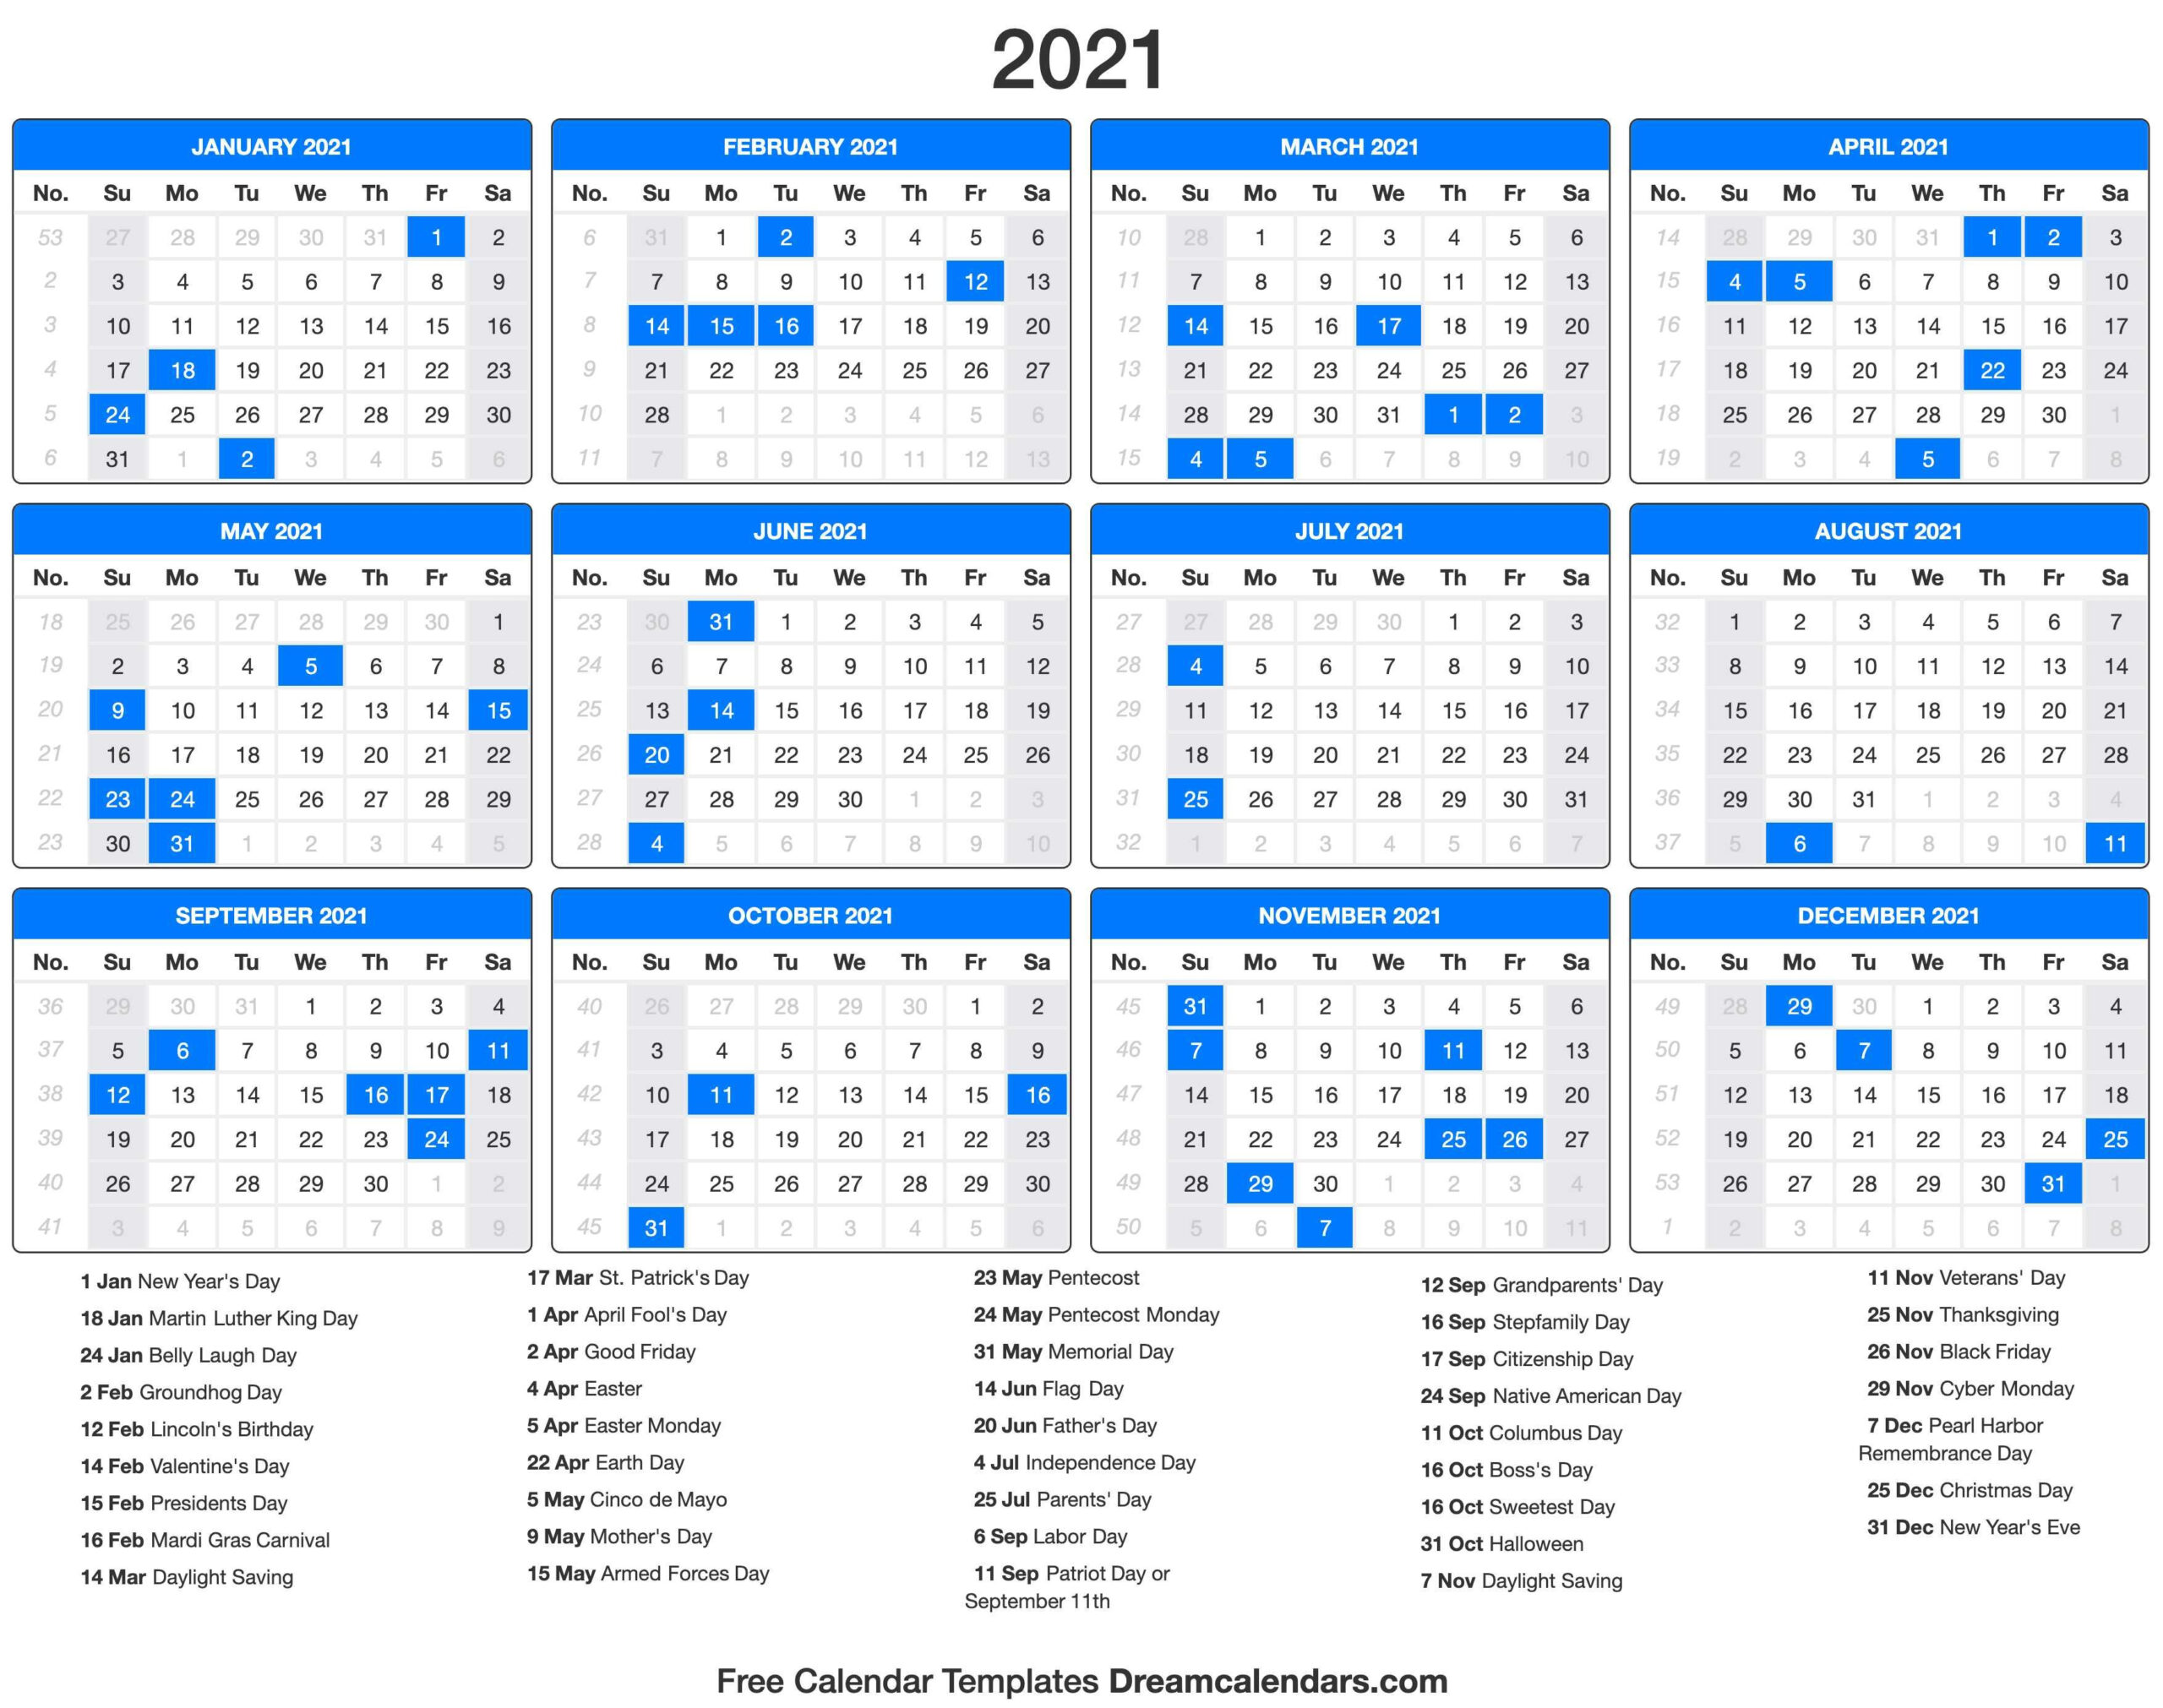 2021 Calendar With Holidays - Dream Calendars | Holiday